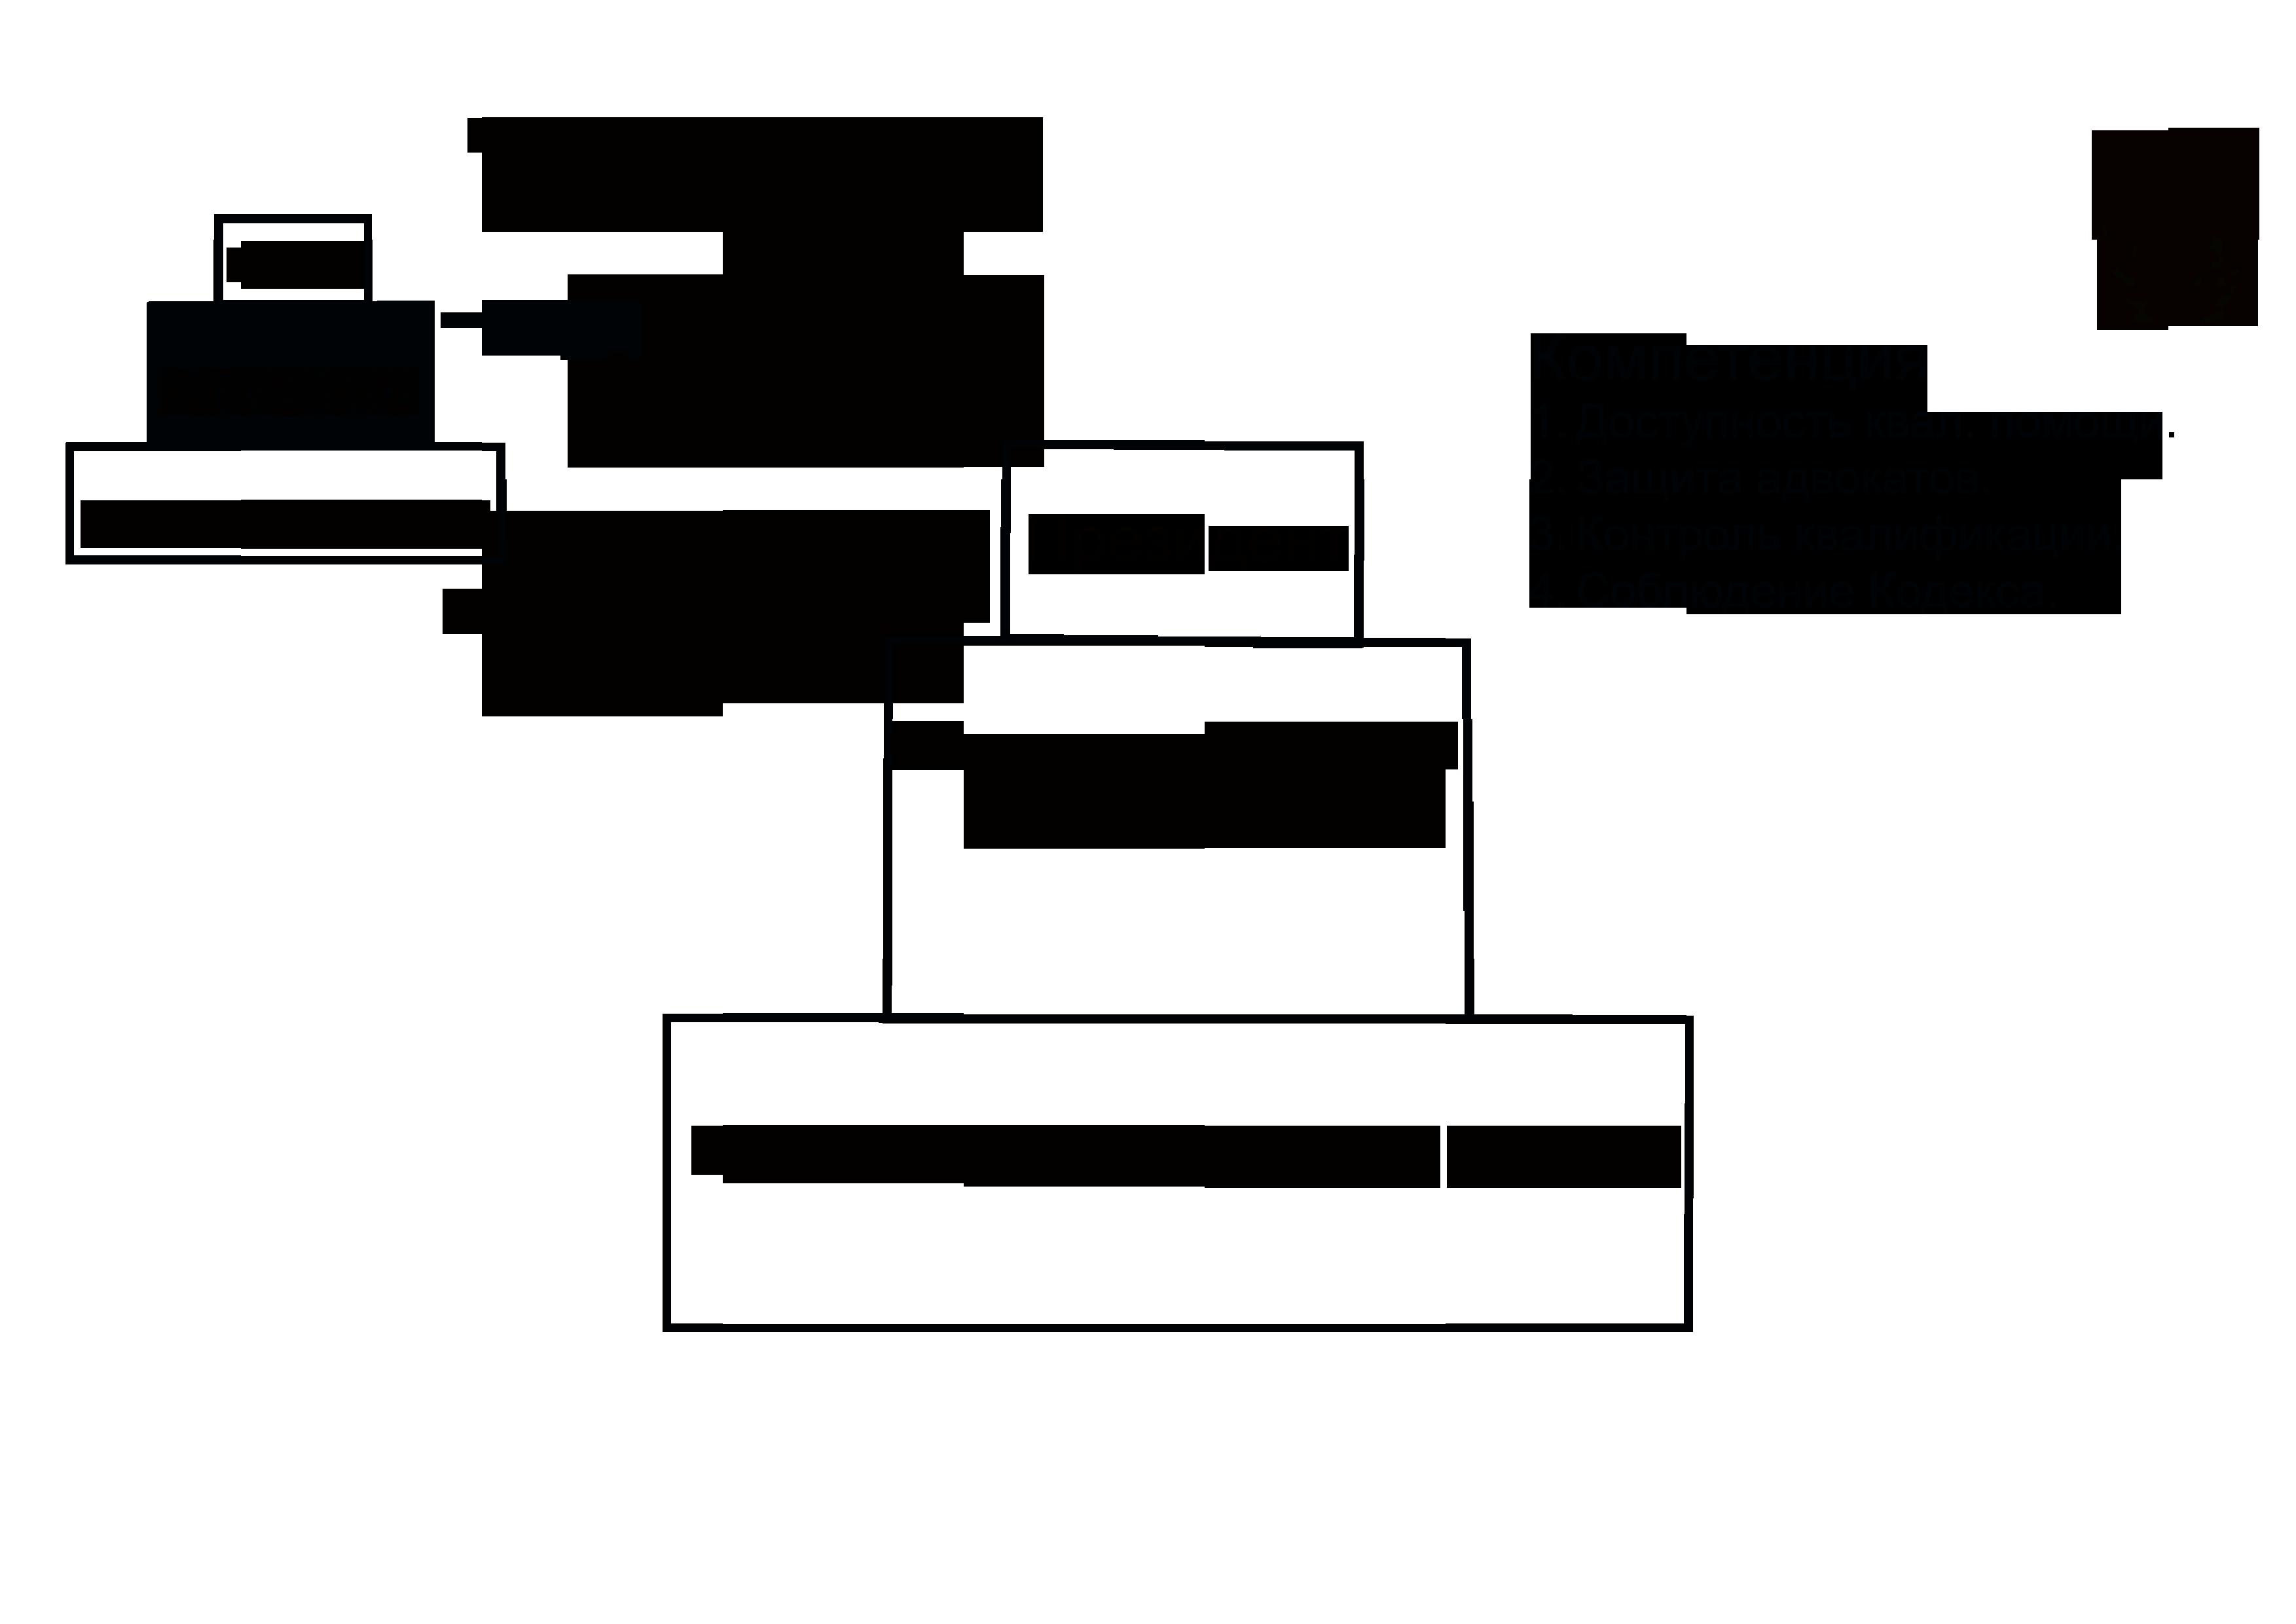 Законодательство рф и субъектов рф об одвокатской деятельности и адвокатуре